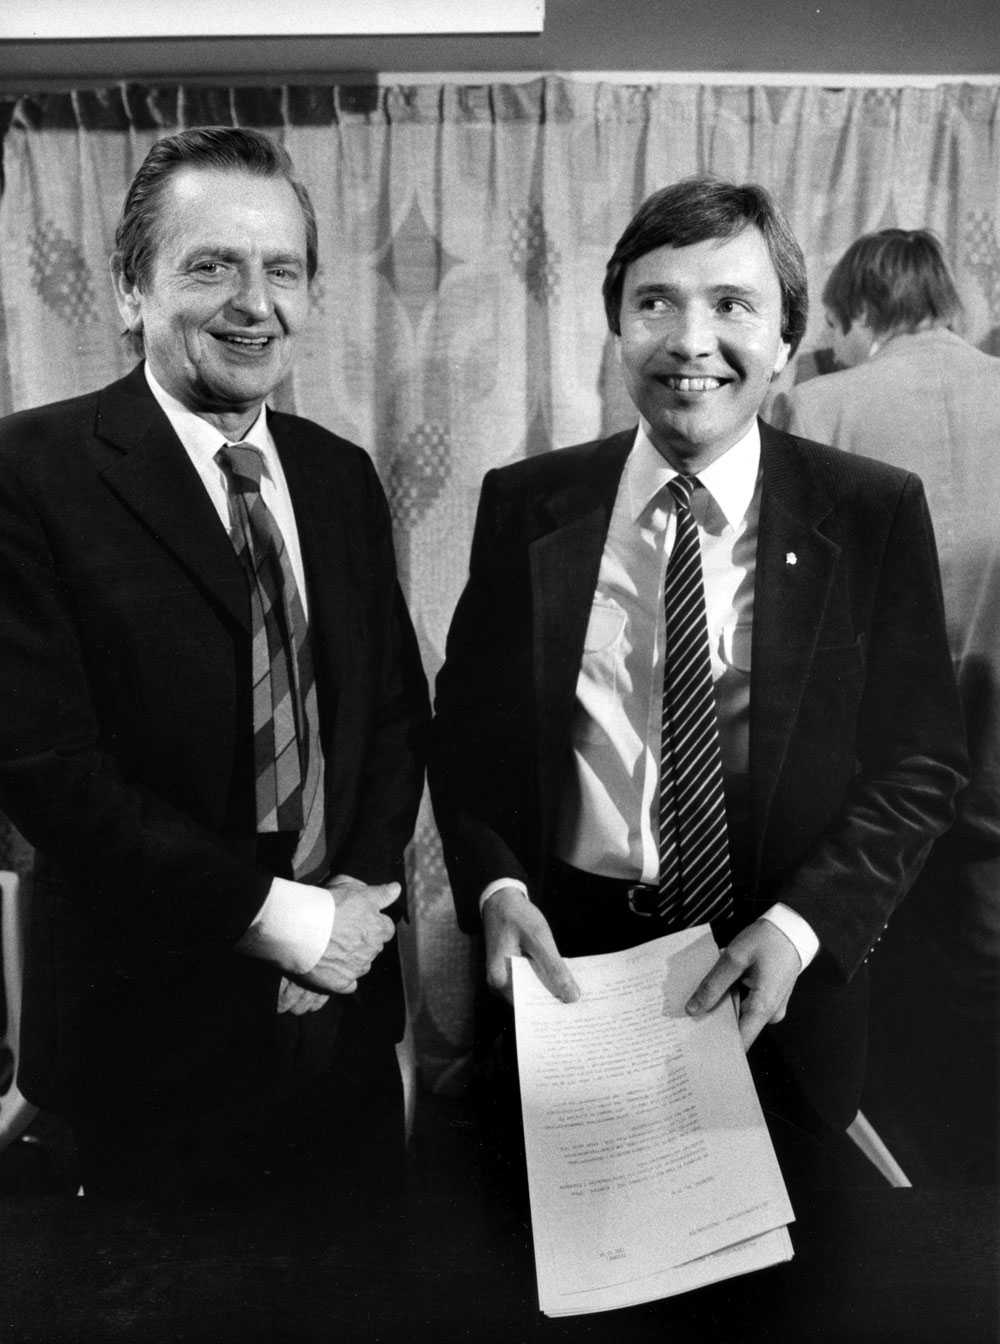 """Bo Holmberg, till höger, tillsammans med statsminister Olof Palme i oktober 1982, då Holmberg utsetts till ny civilminister och """"dataminister""""."""